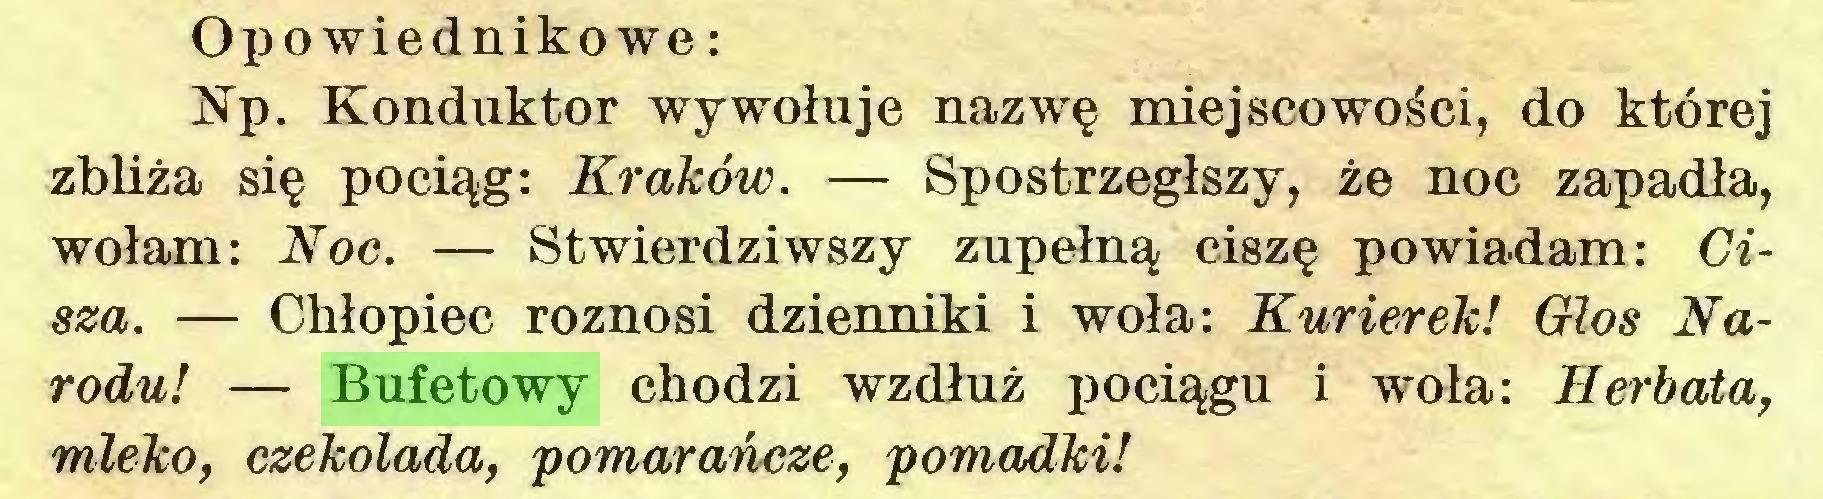 (...) Opowiednikowe: Np. Konduktor wywołuje nazwę miejscowości, do której zbliża się pociąg: Kraków. — Spostrzegłszy, że noc zapadła, wołam: Noc. — Stwierdziwszy zupełną ciszę powiadam: Cisza. — Chłopiec roznosi dzienniki i woła: Kurierek! Głos Narodu! — Bufetowy chodzi wzdłuż pociągu i woła: Herbata, mleko, czekolada, pomarańcze, pomadki!...